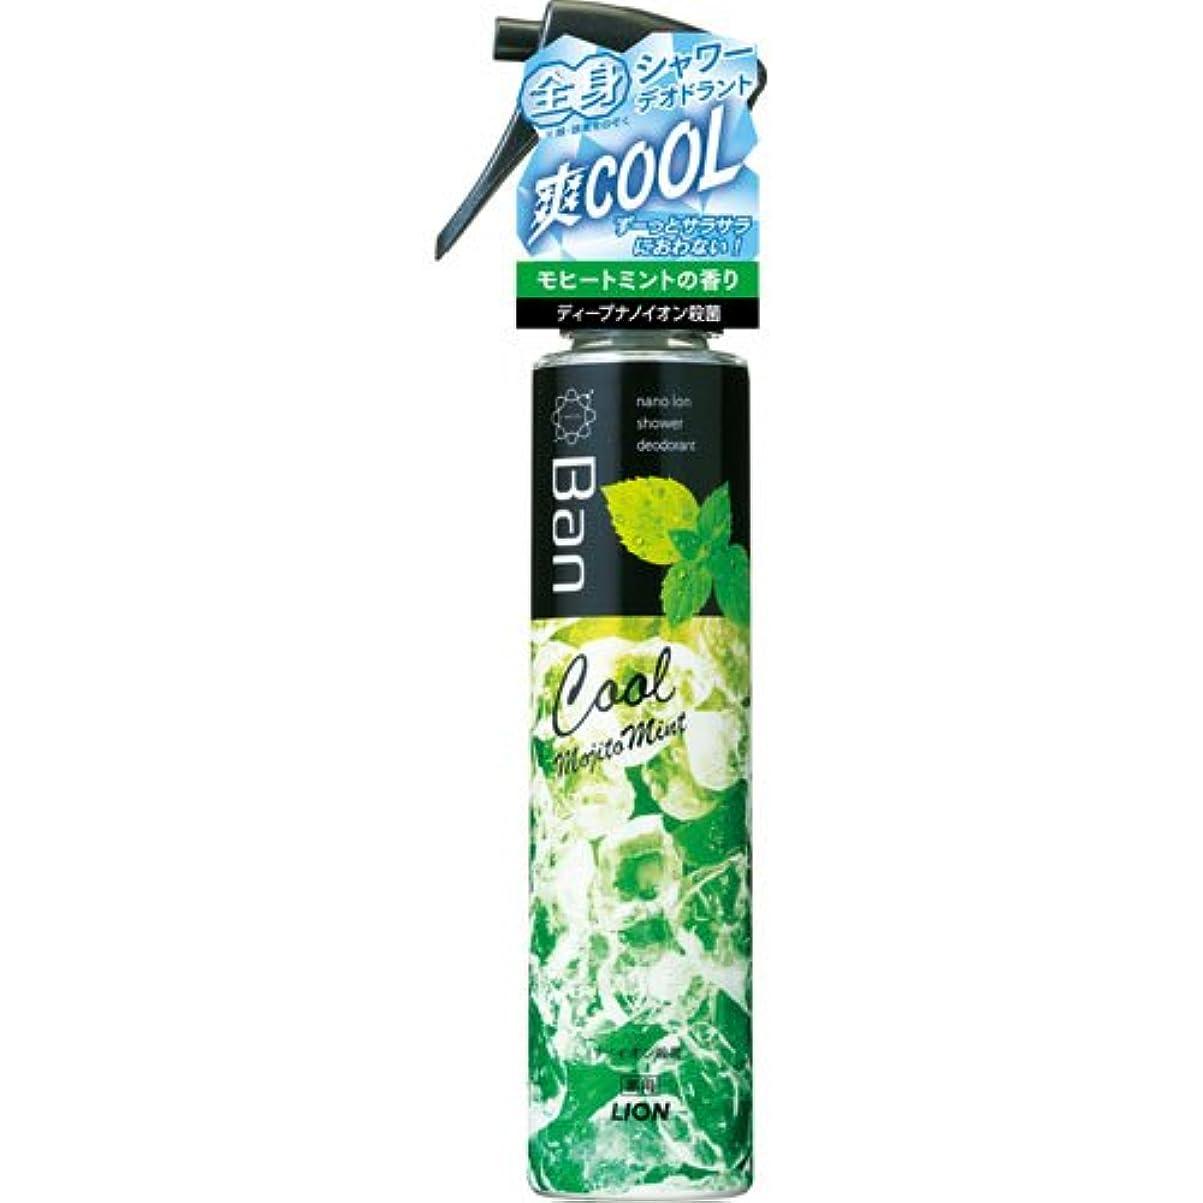 触覚チャット誰でもBan シャワーデオドラントクールタイプ モヒートミントの香り 120ml (医薬部外品)